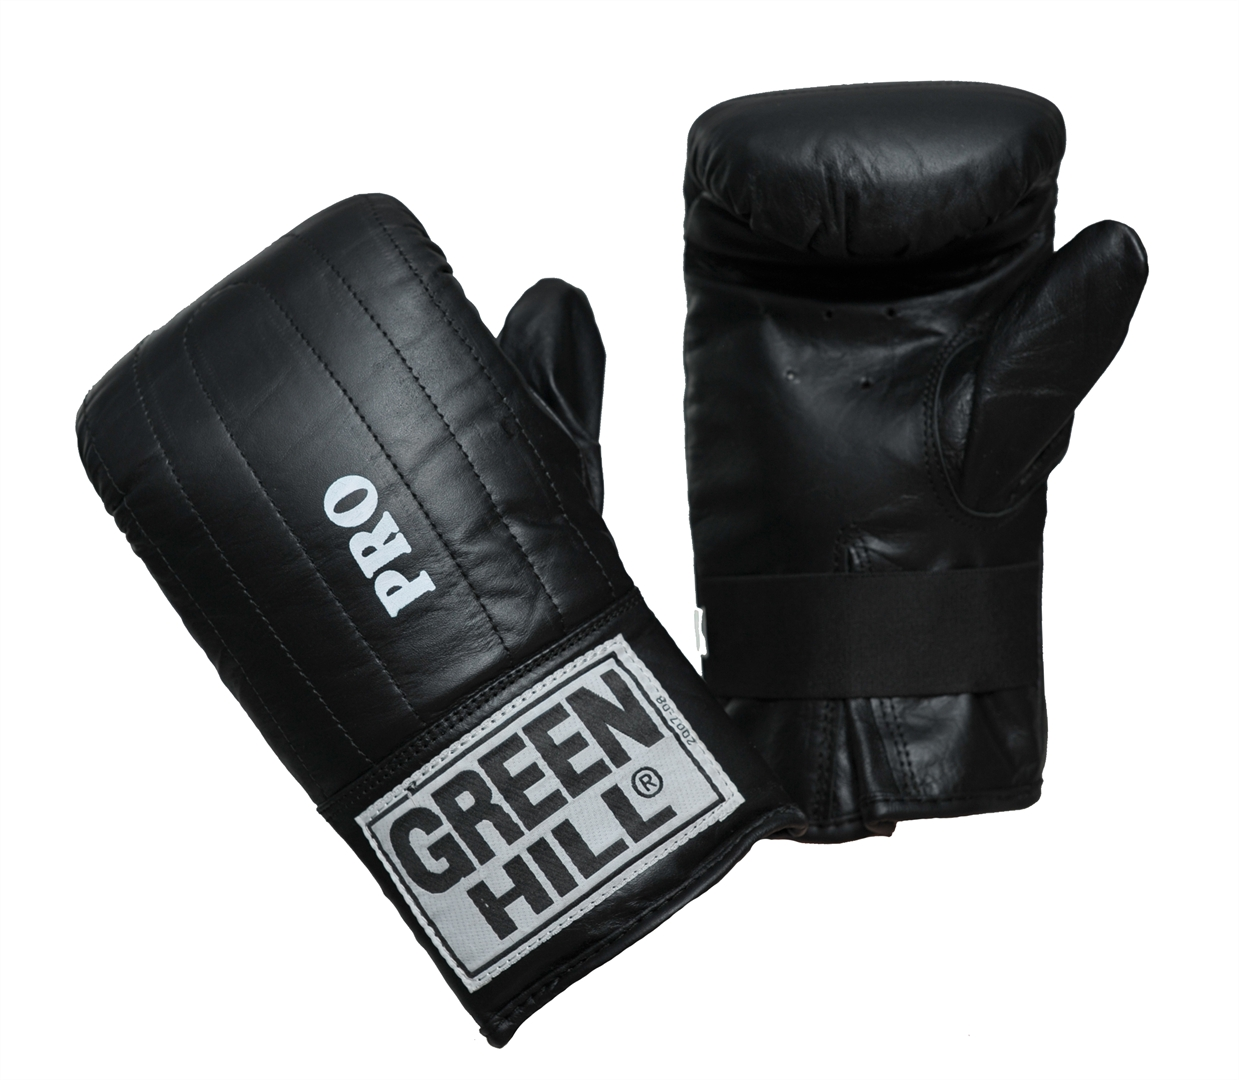 Перчатки снарядные Green Hill Pro, цвет: черный. Размер SPMP-2064Снарядные перчатки Green Hill Pro предназначены для отработки ударов по мешкам и лапам, а также для легких спаррингов. Перчатки выполнены из натуральной кожи с мягким наполнителем внутри. Манжет не резинке позволяет быстро снимать и одевать перчатки, плотно фиксирует их на руке.